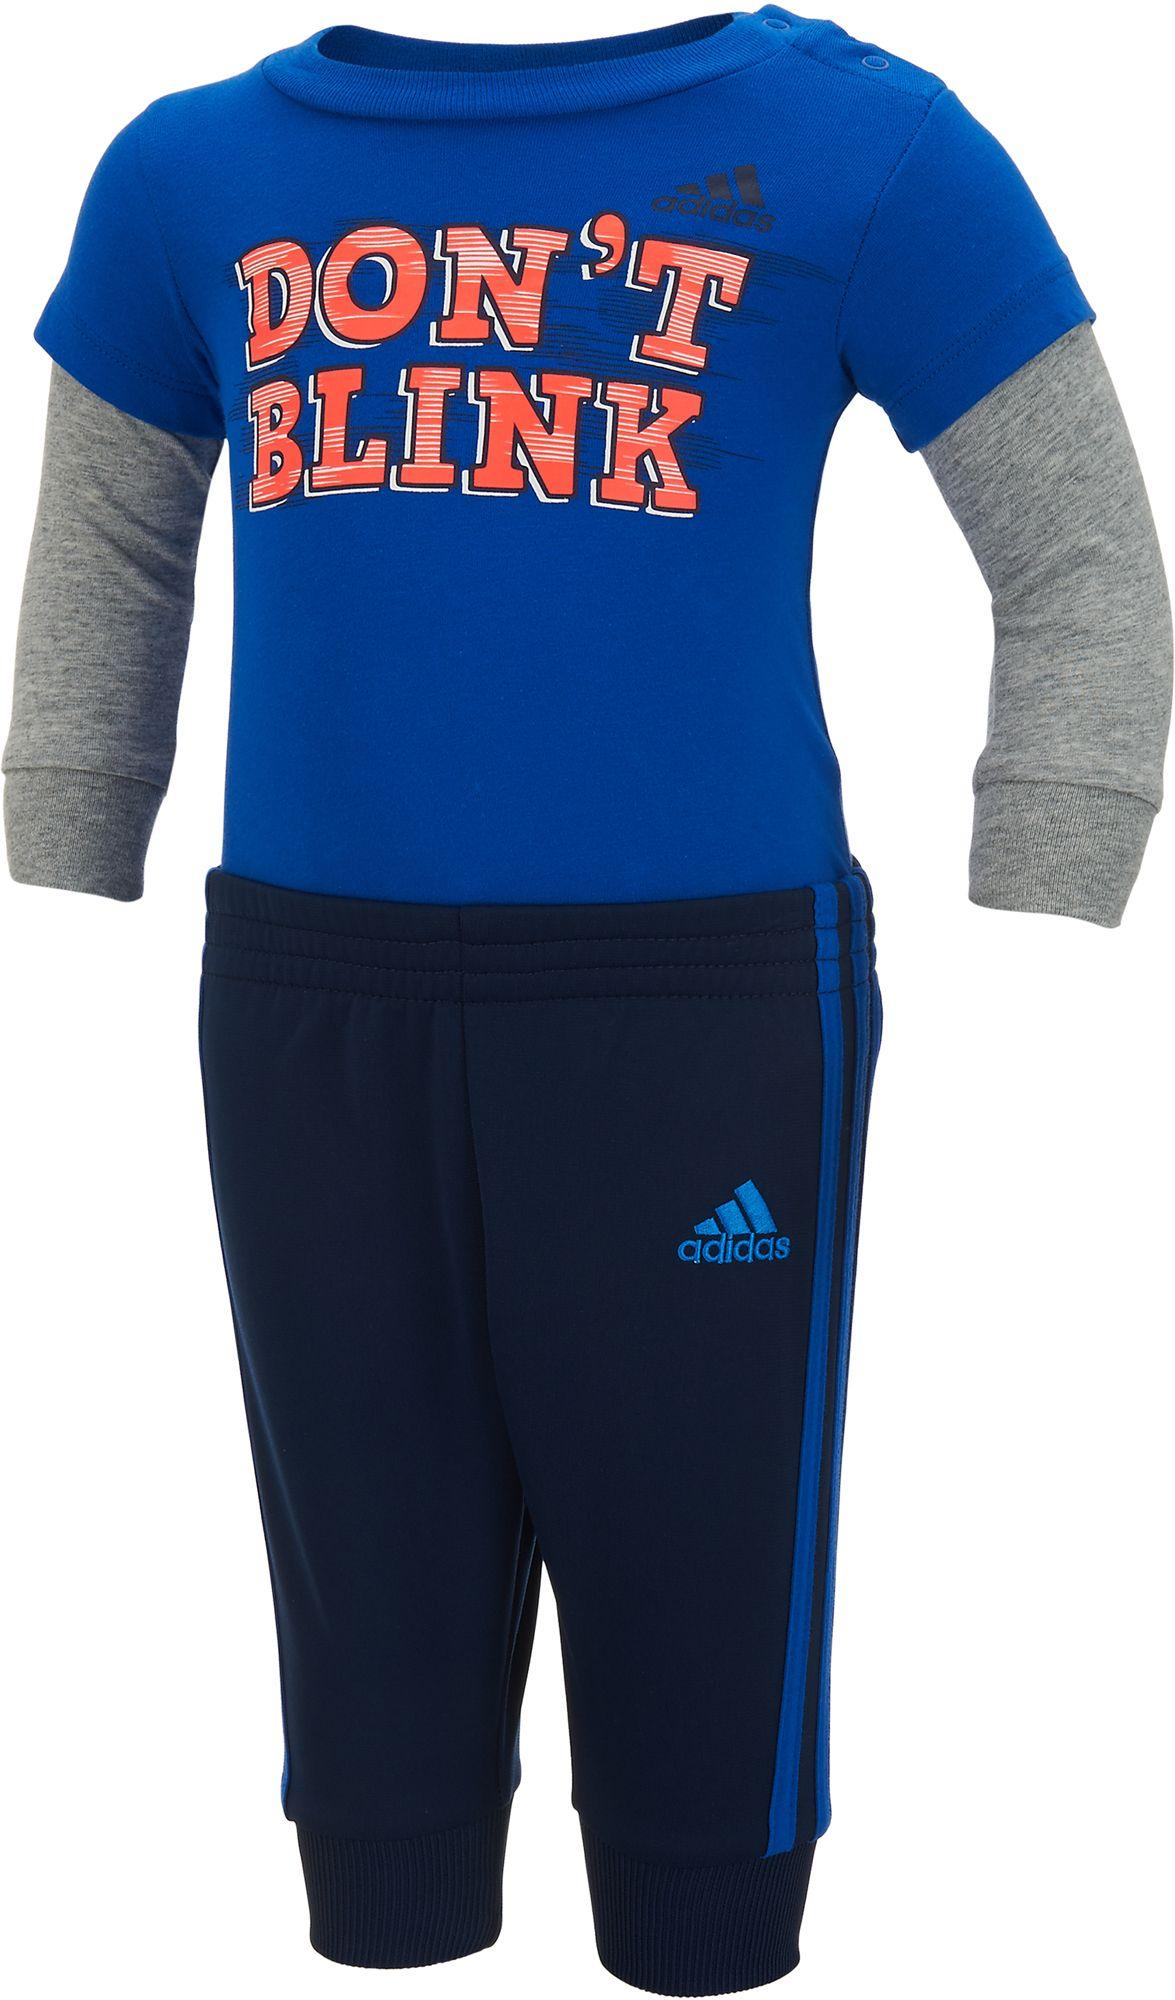 adidas Infant Boys Dont Blink Bodysuit Set DICKS Sporting Goods